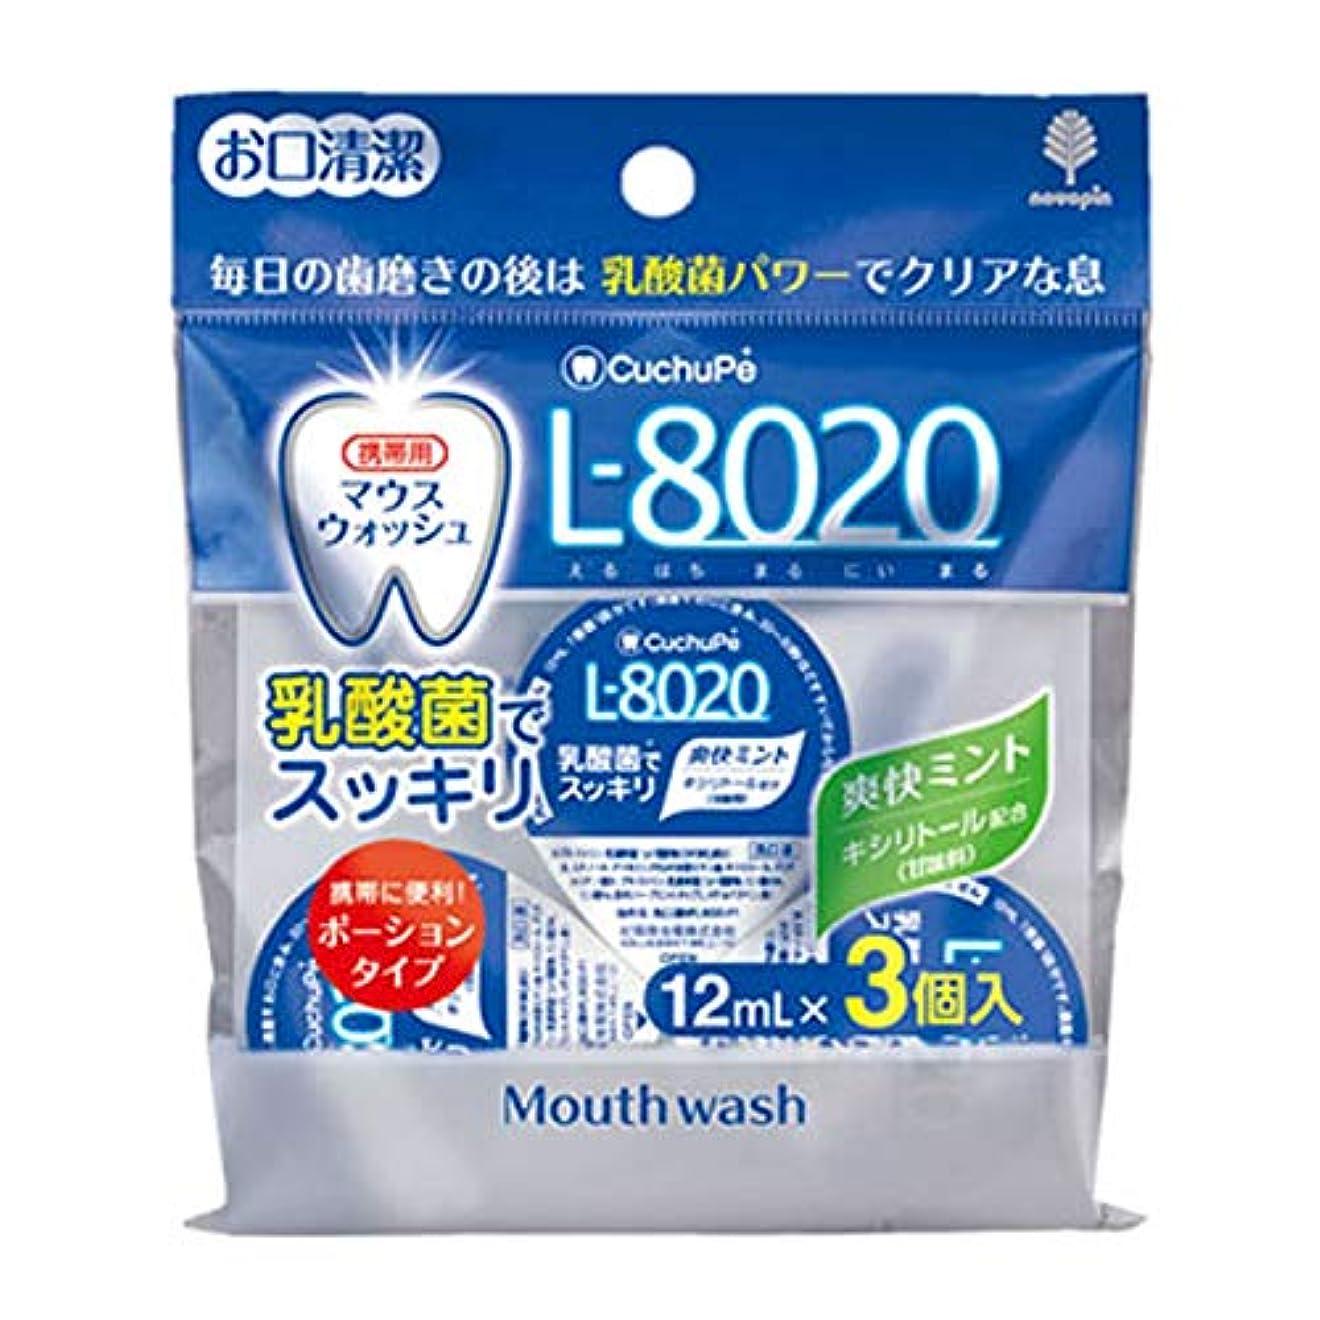 変成器ジャングルインタビュークチュッペ L-8020 乳酸菌マウスウォッシュ 携帯用ポーションタイプ 爽快ミント 3個入